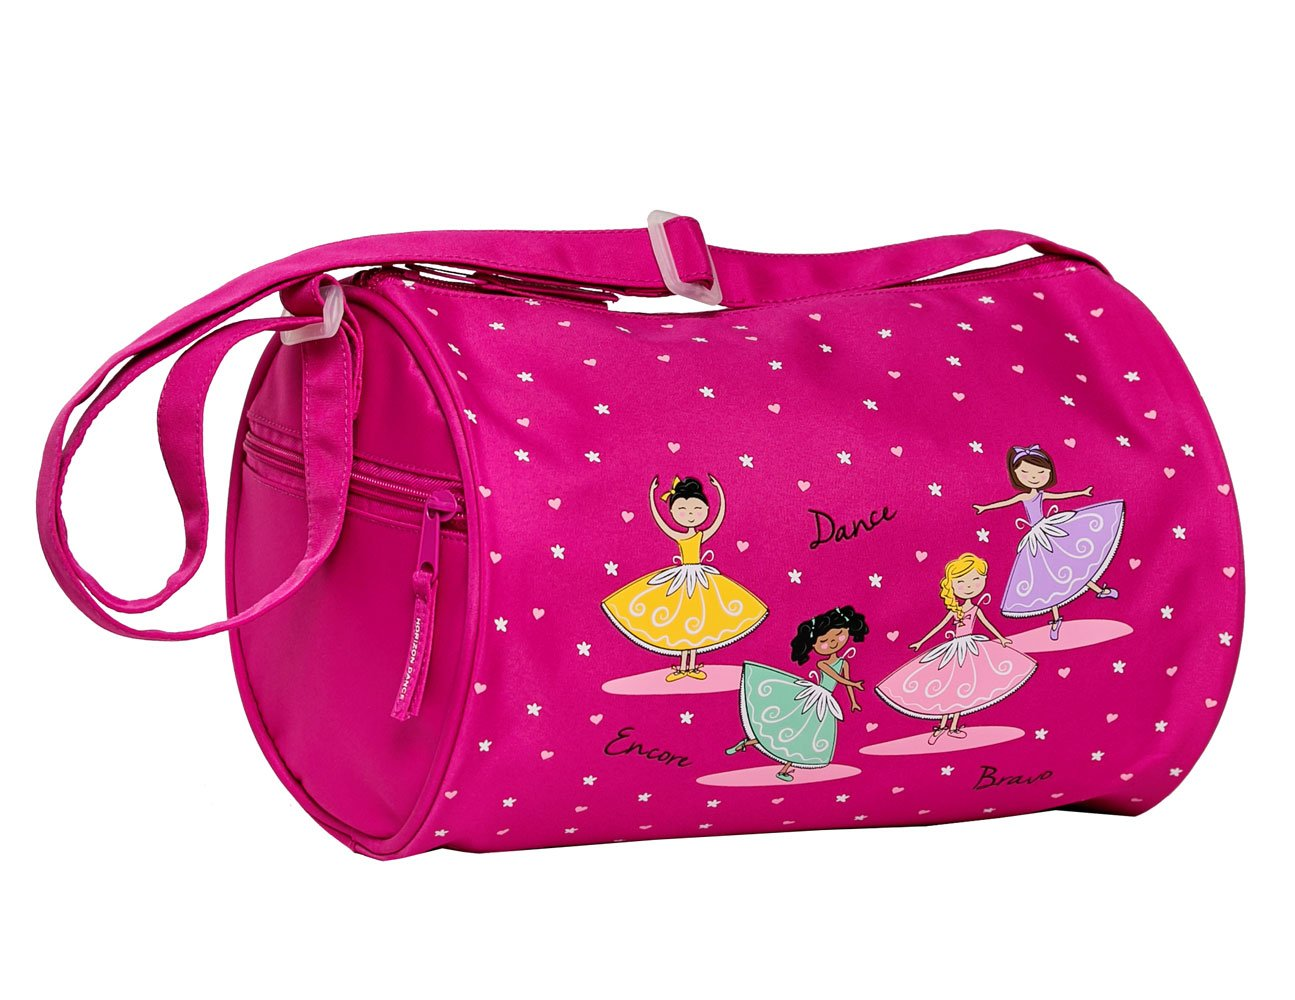 Horizon Dance 1042 Bravo Small Duffel Bag by Horizon Dance (Image #1)